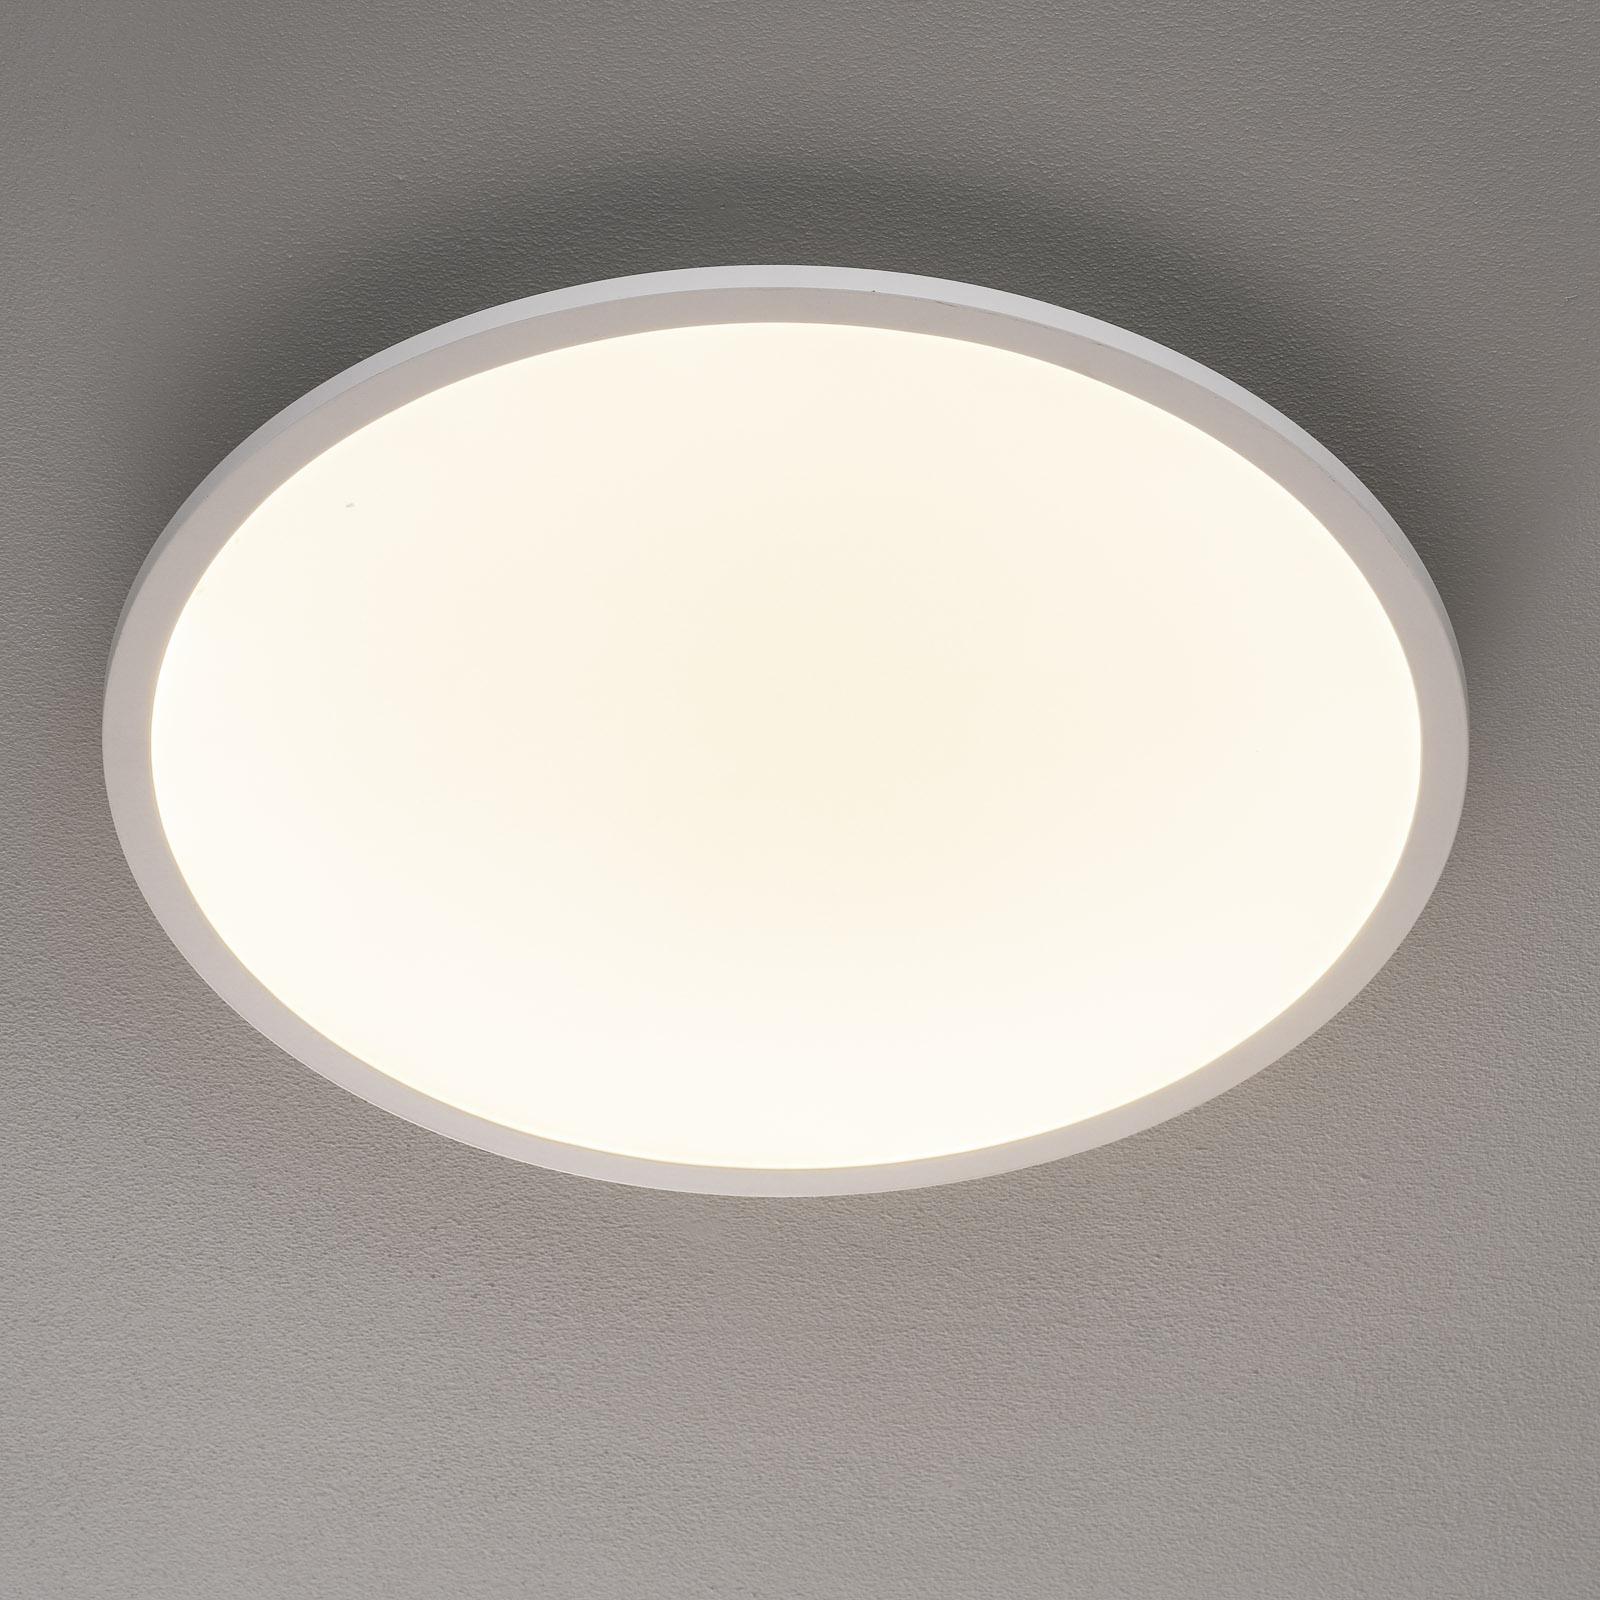 EGLO connect Sarsina-C LED-taklampe, 60 cm